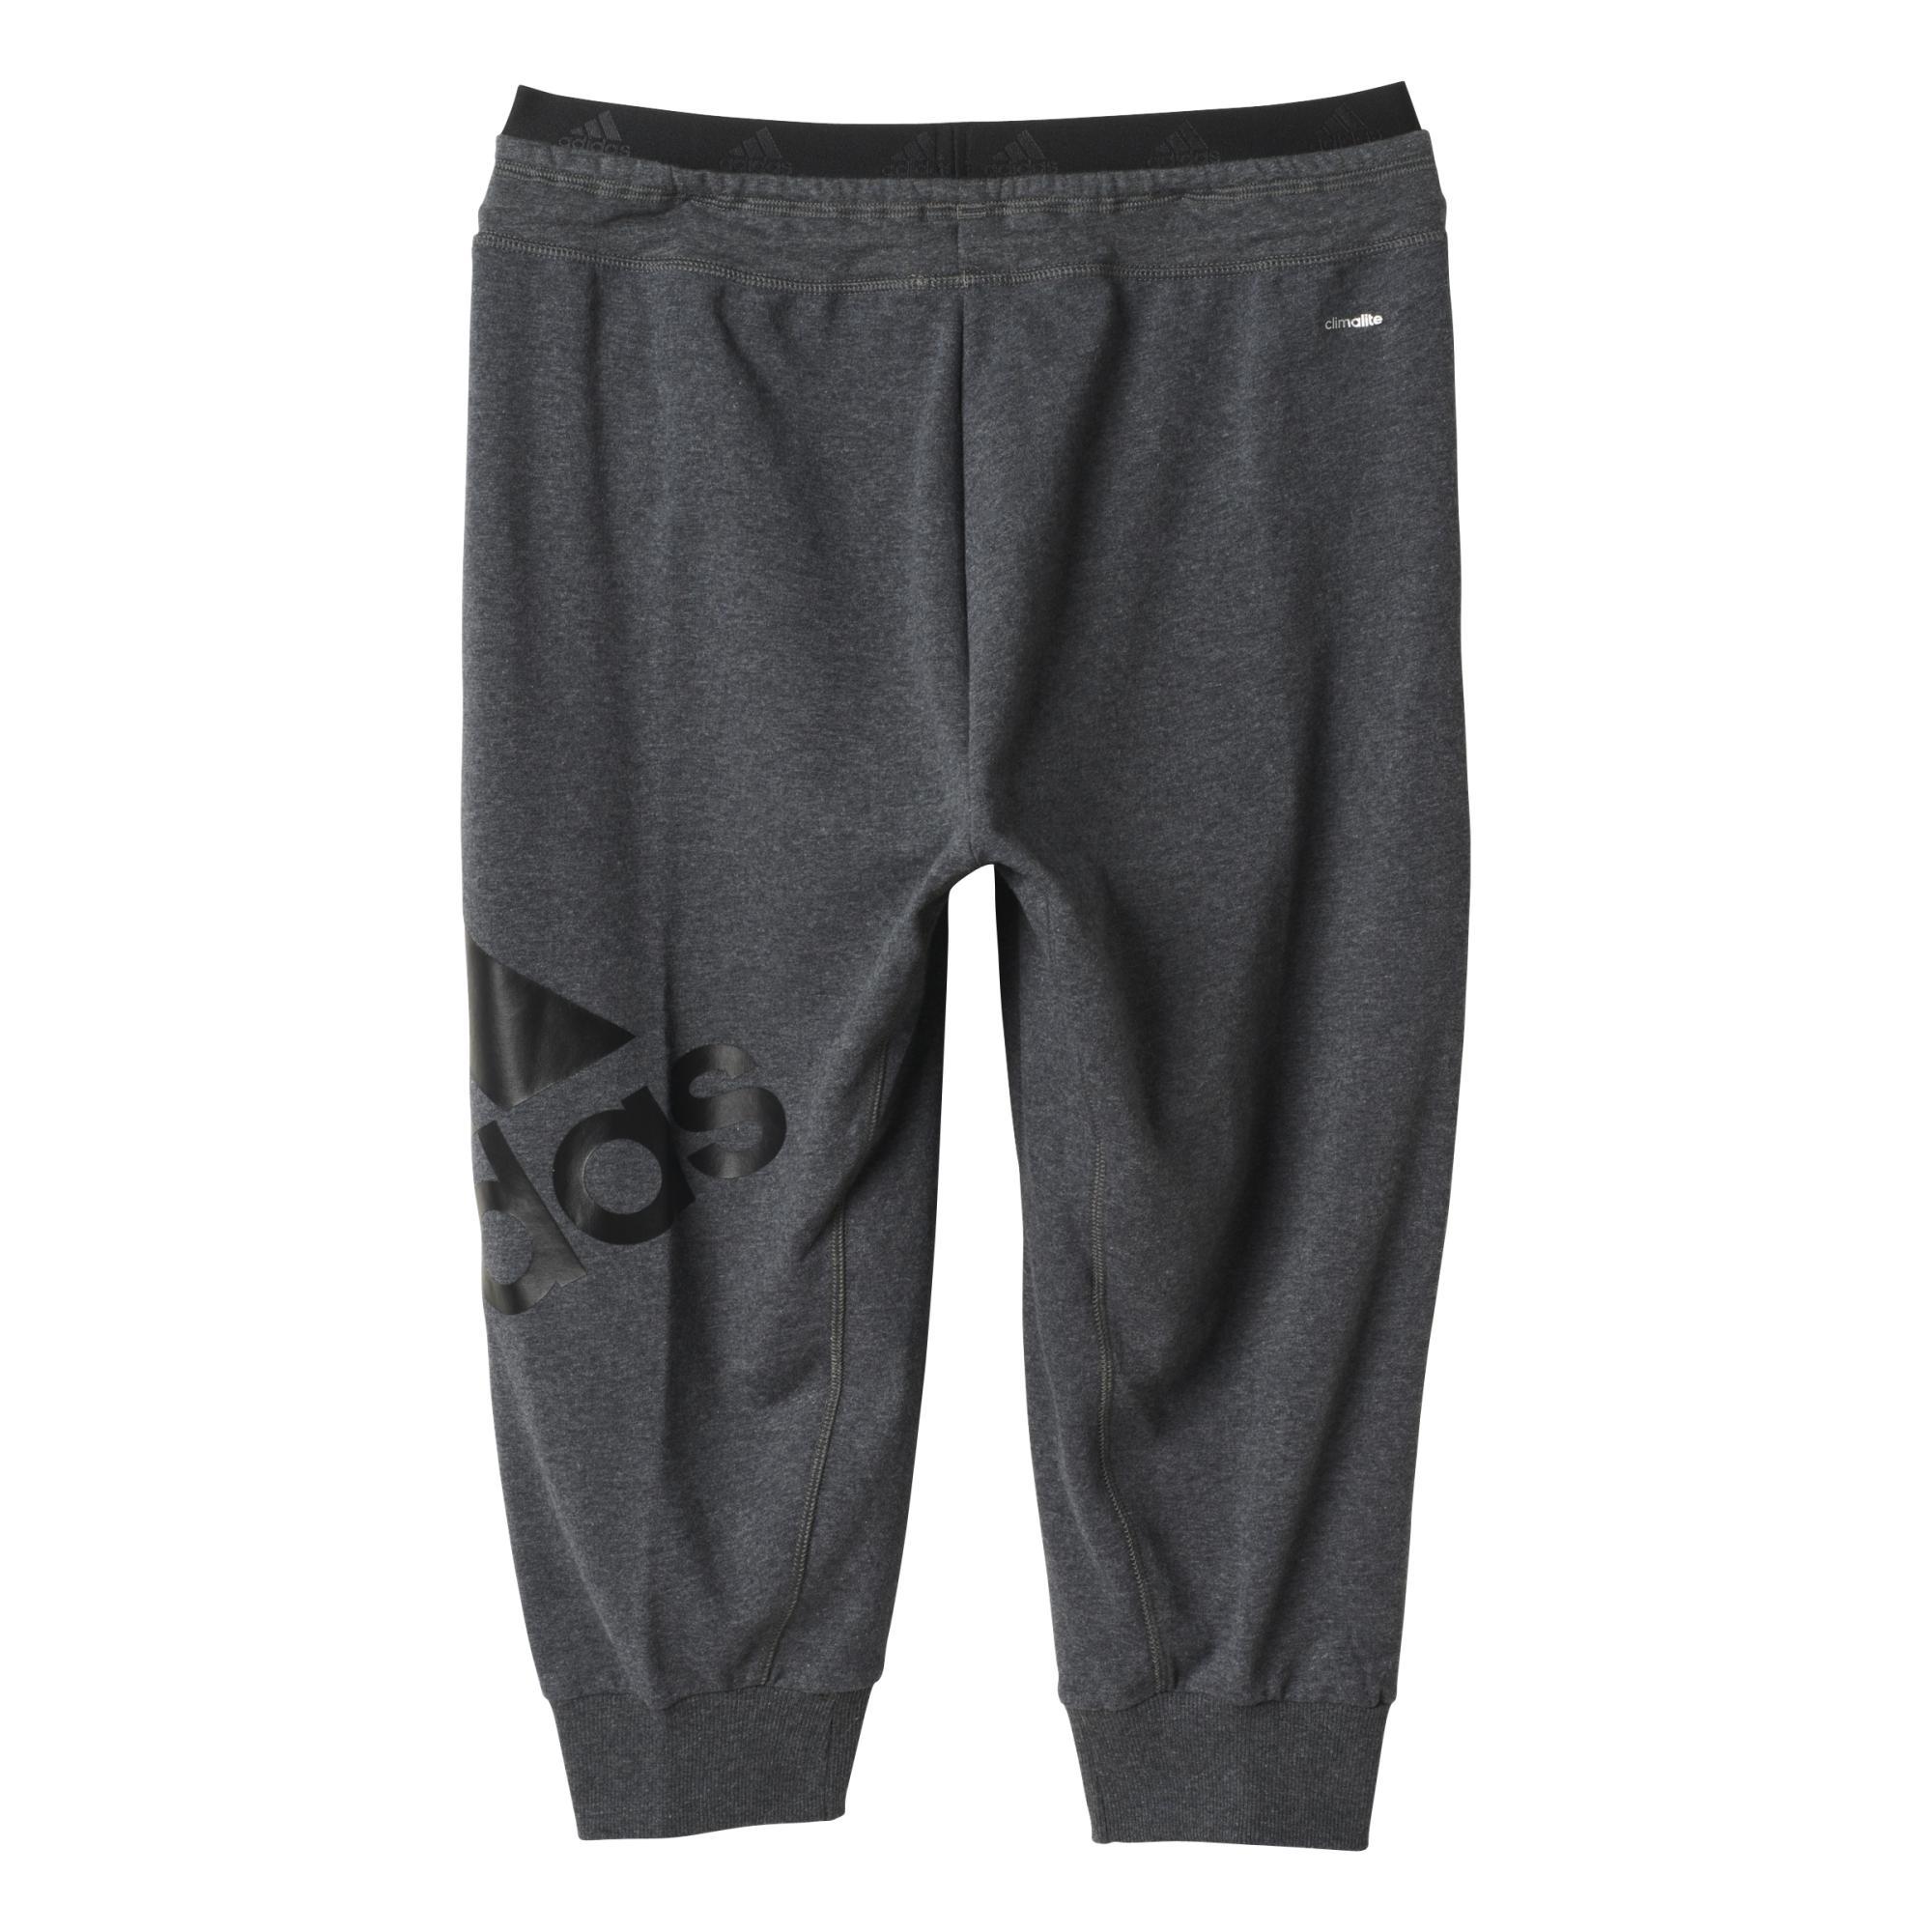 conseguir barato fotos oficiales 50% rebajado Adidas Mujer Pantalón 3/4 Sport Essentials Logo (gris)